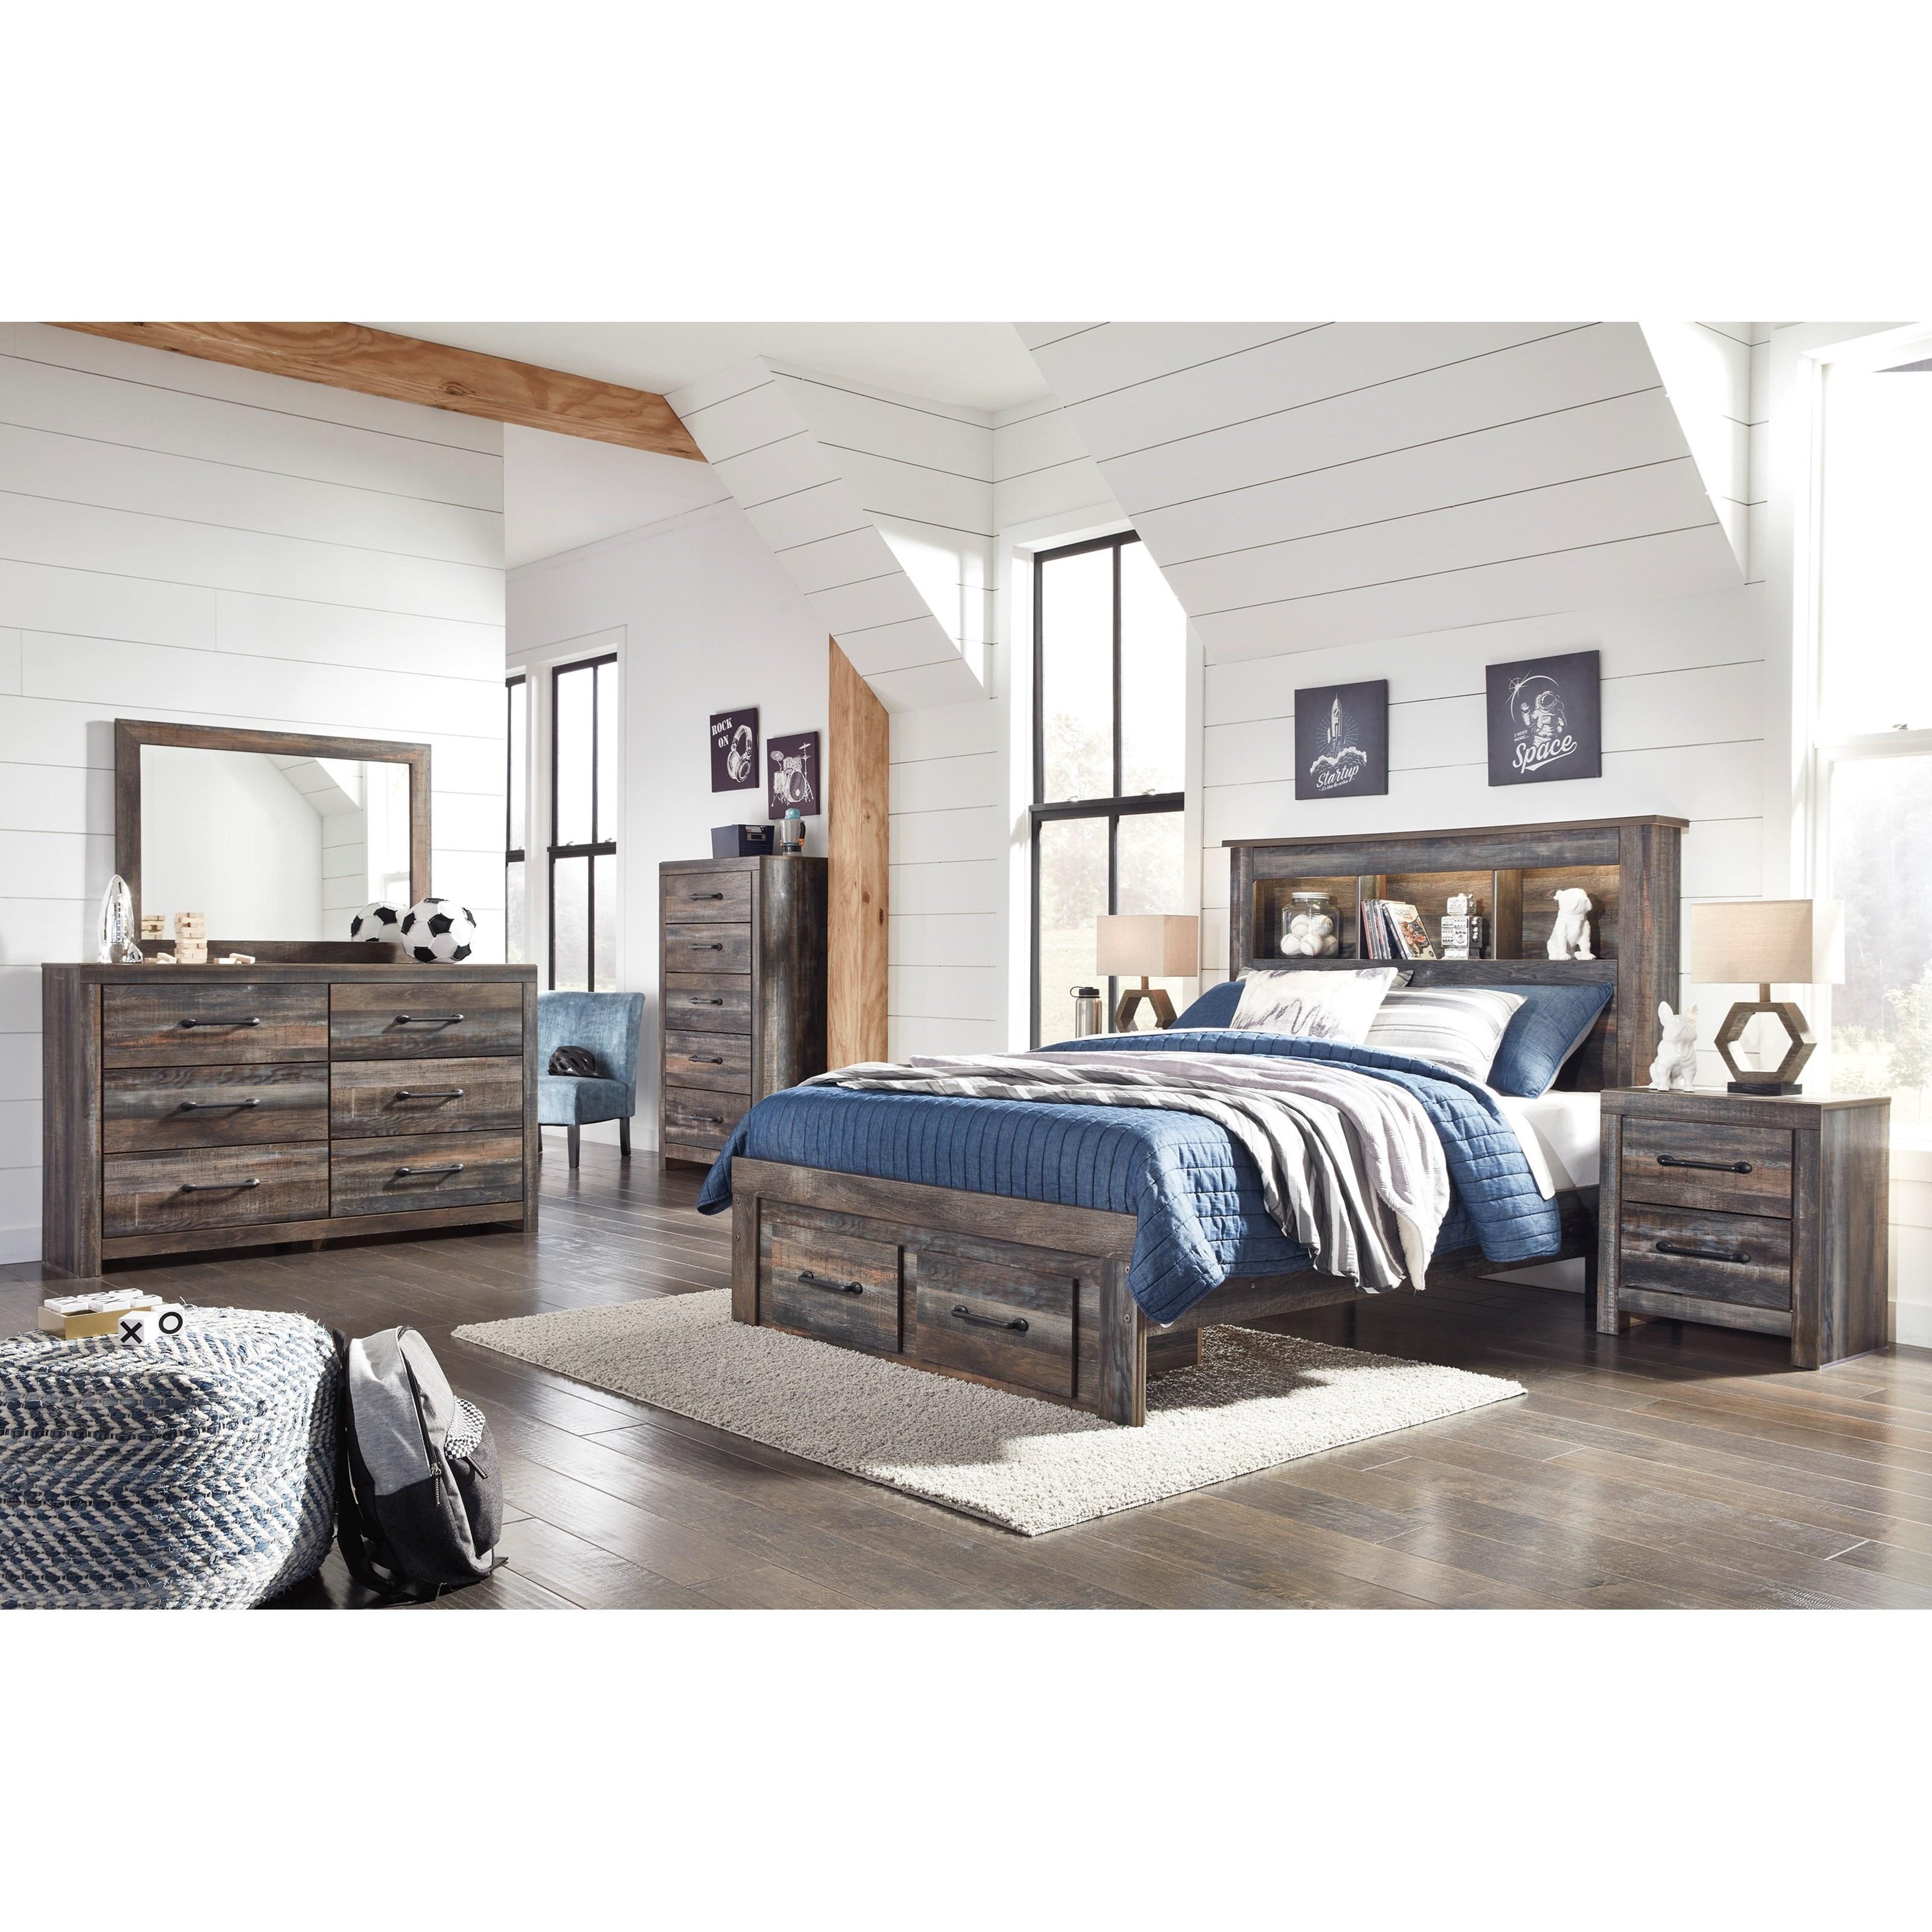 Duncan Full Bedroom Group at Ruby Gordon Home